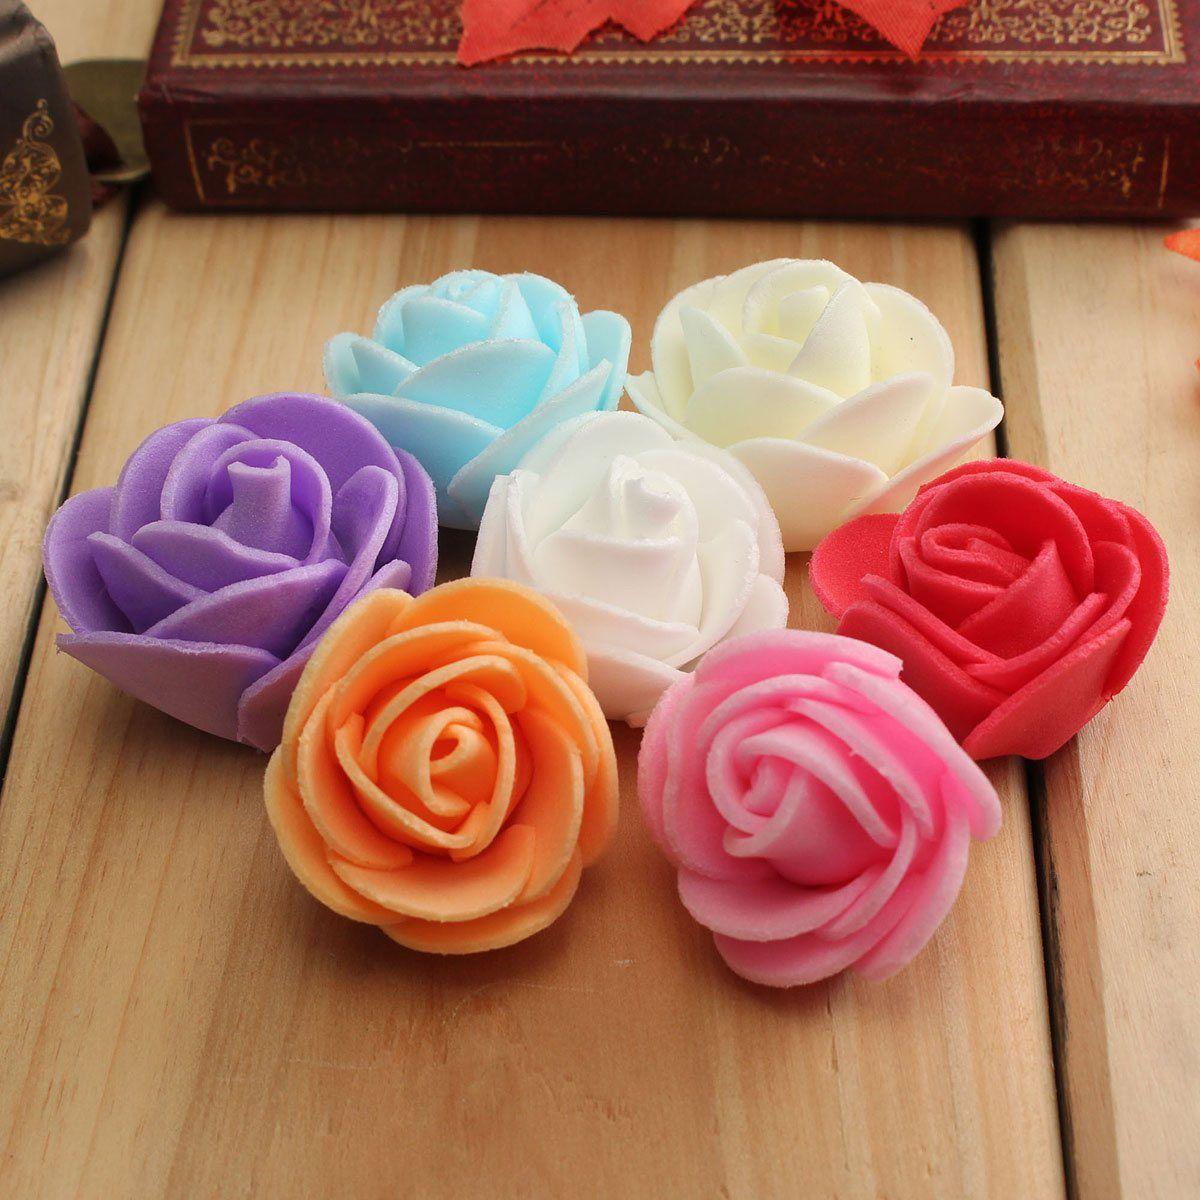 Как сделать розу из бумаги своими руками? 6 мастер-классов